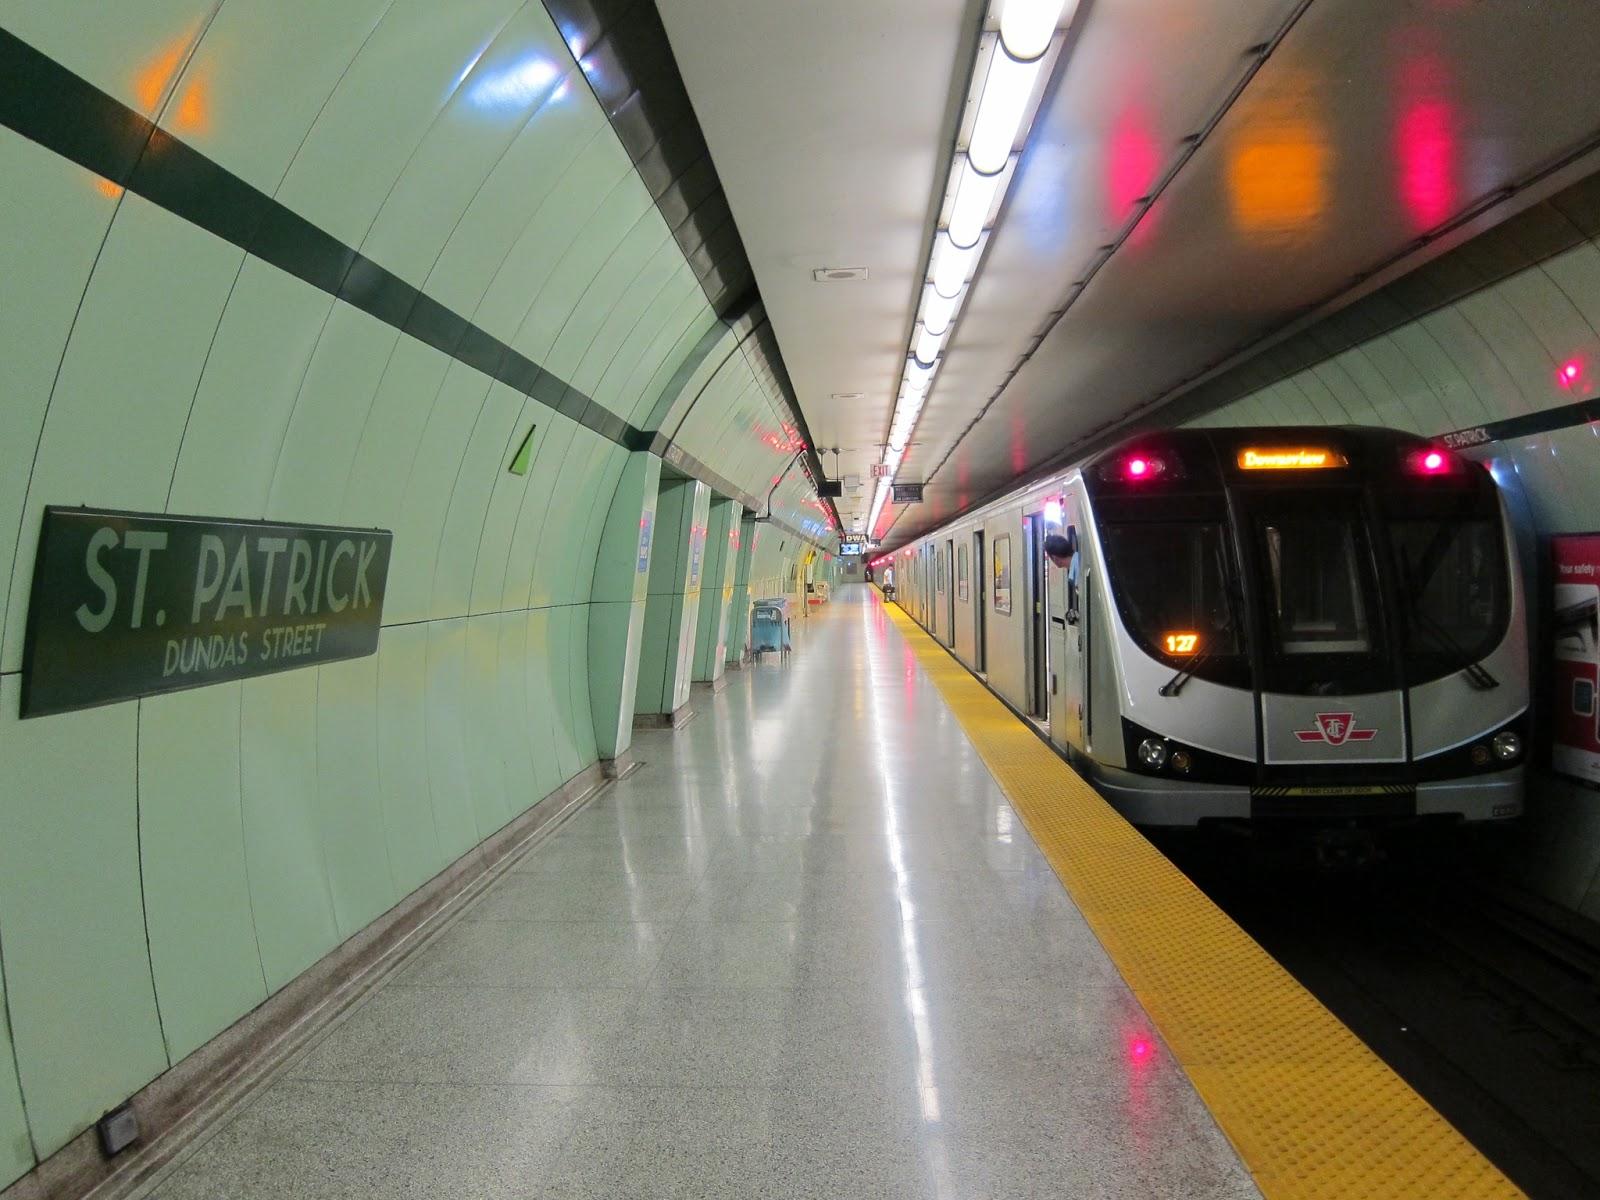 St. Patrick station platform